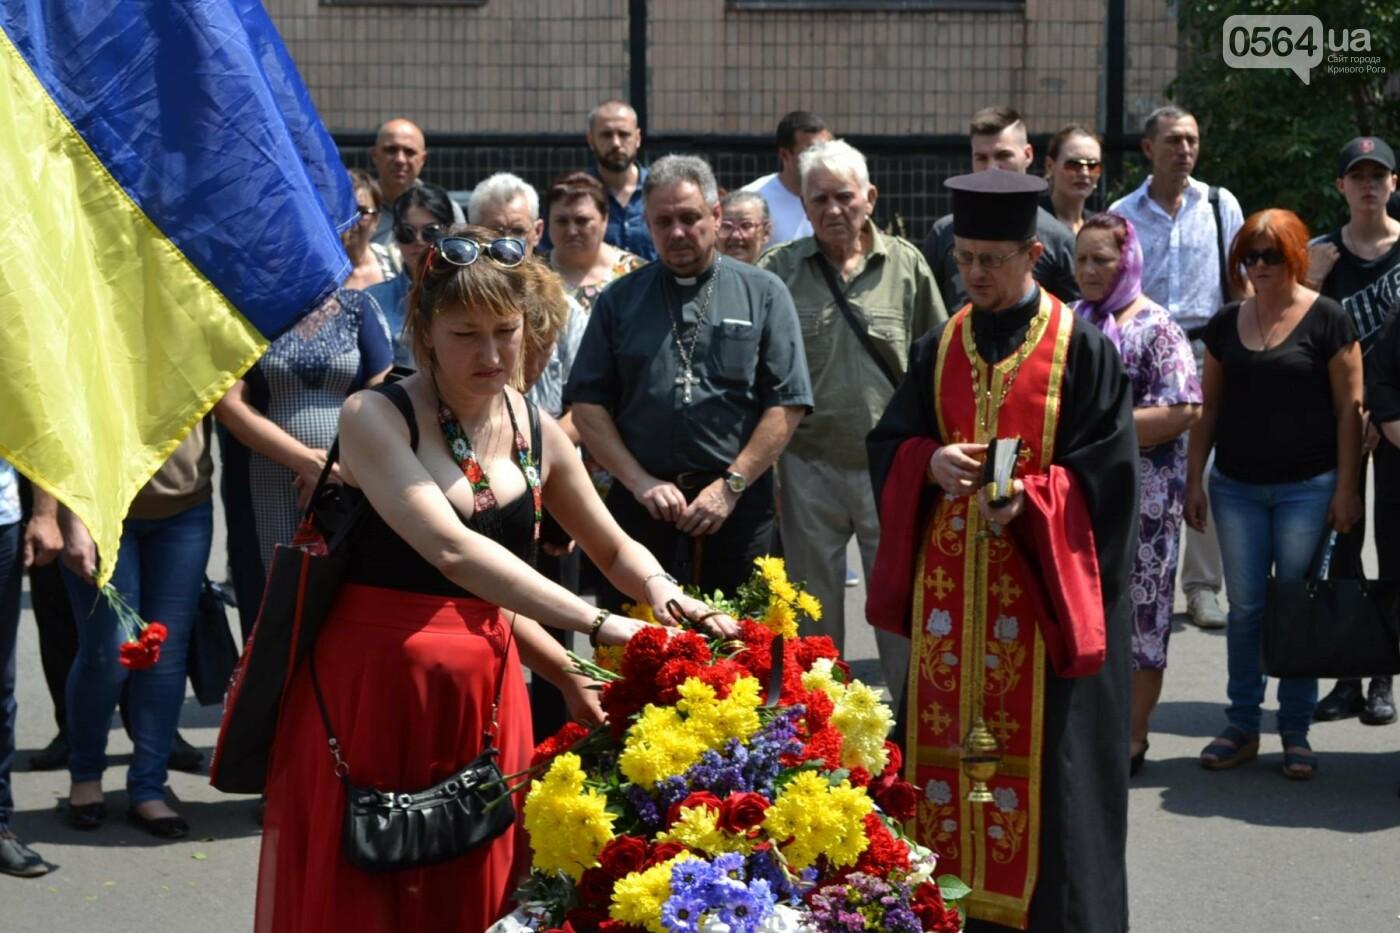 Криворожане простились с ветераном АТО Владимиром Близнюком, - ФОТО, фото-3